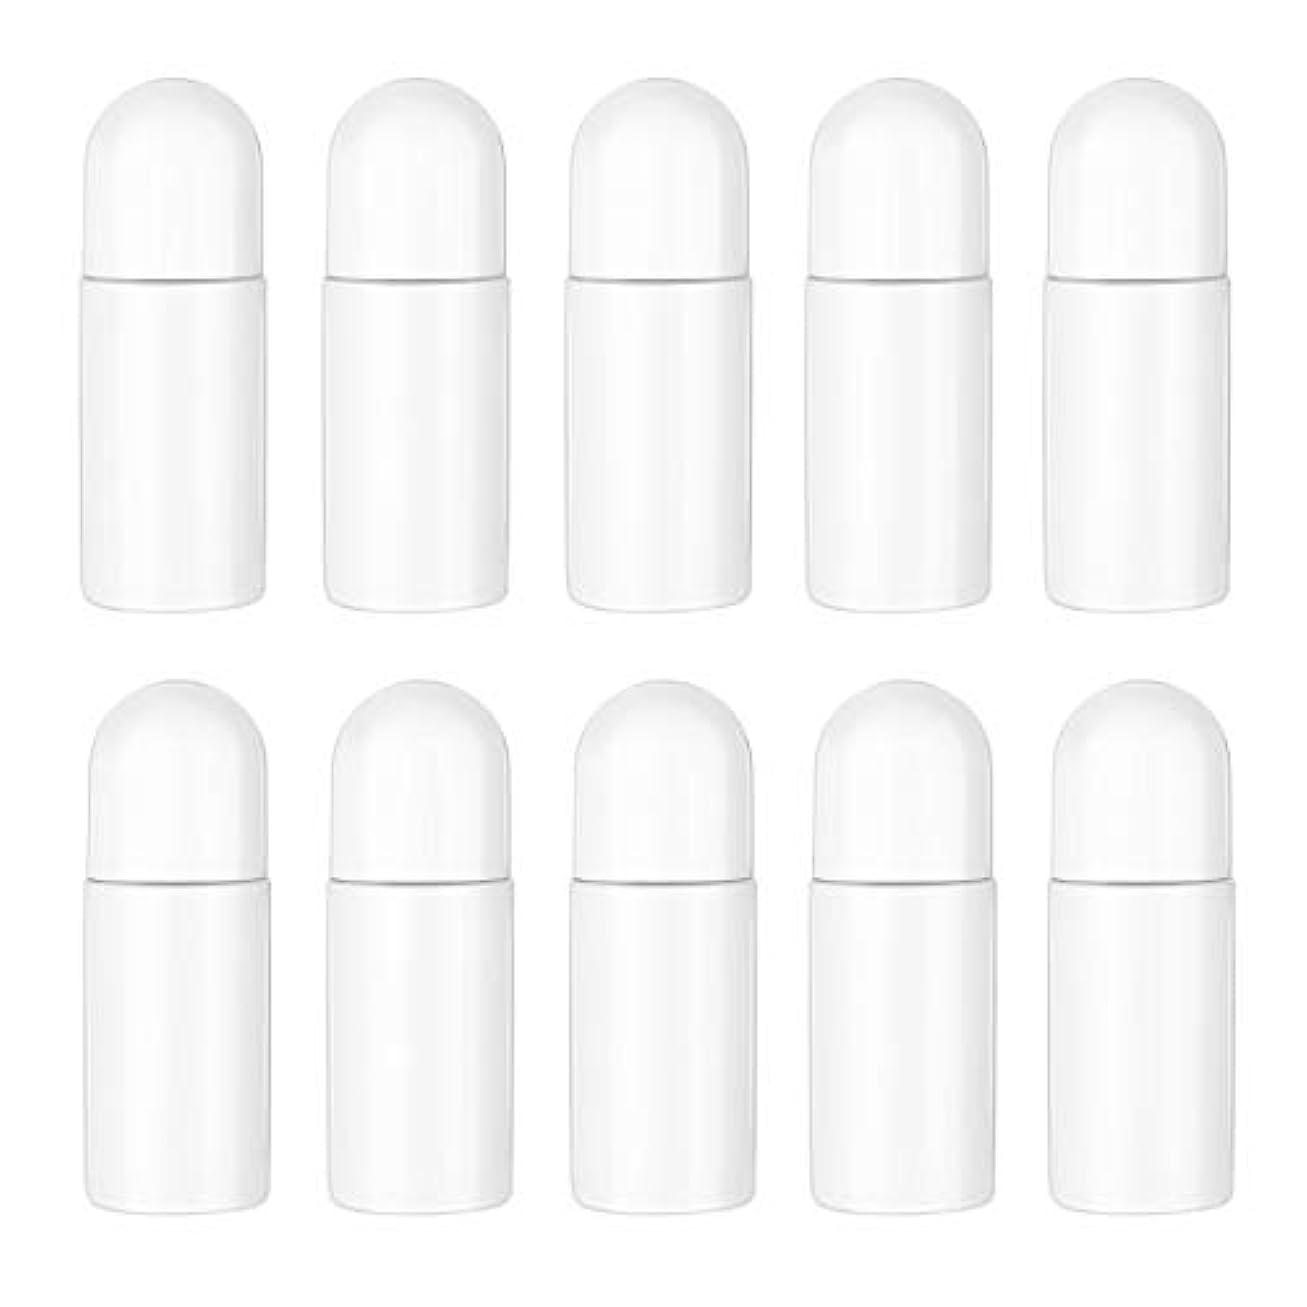 無声でレジ提供するHealifty エッセンシャルオイル香水化粧品50 ml(白)の10ピースプラスチックローラーボトル空の詰め替え可能なローラーボールボトル